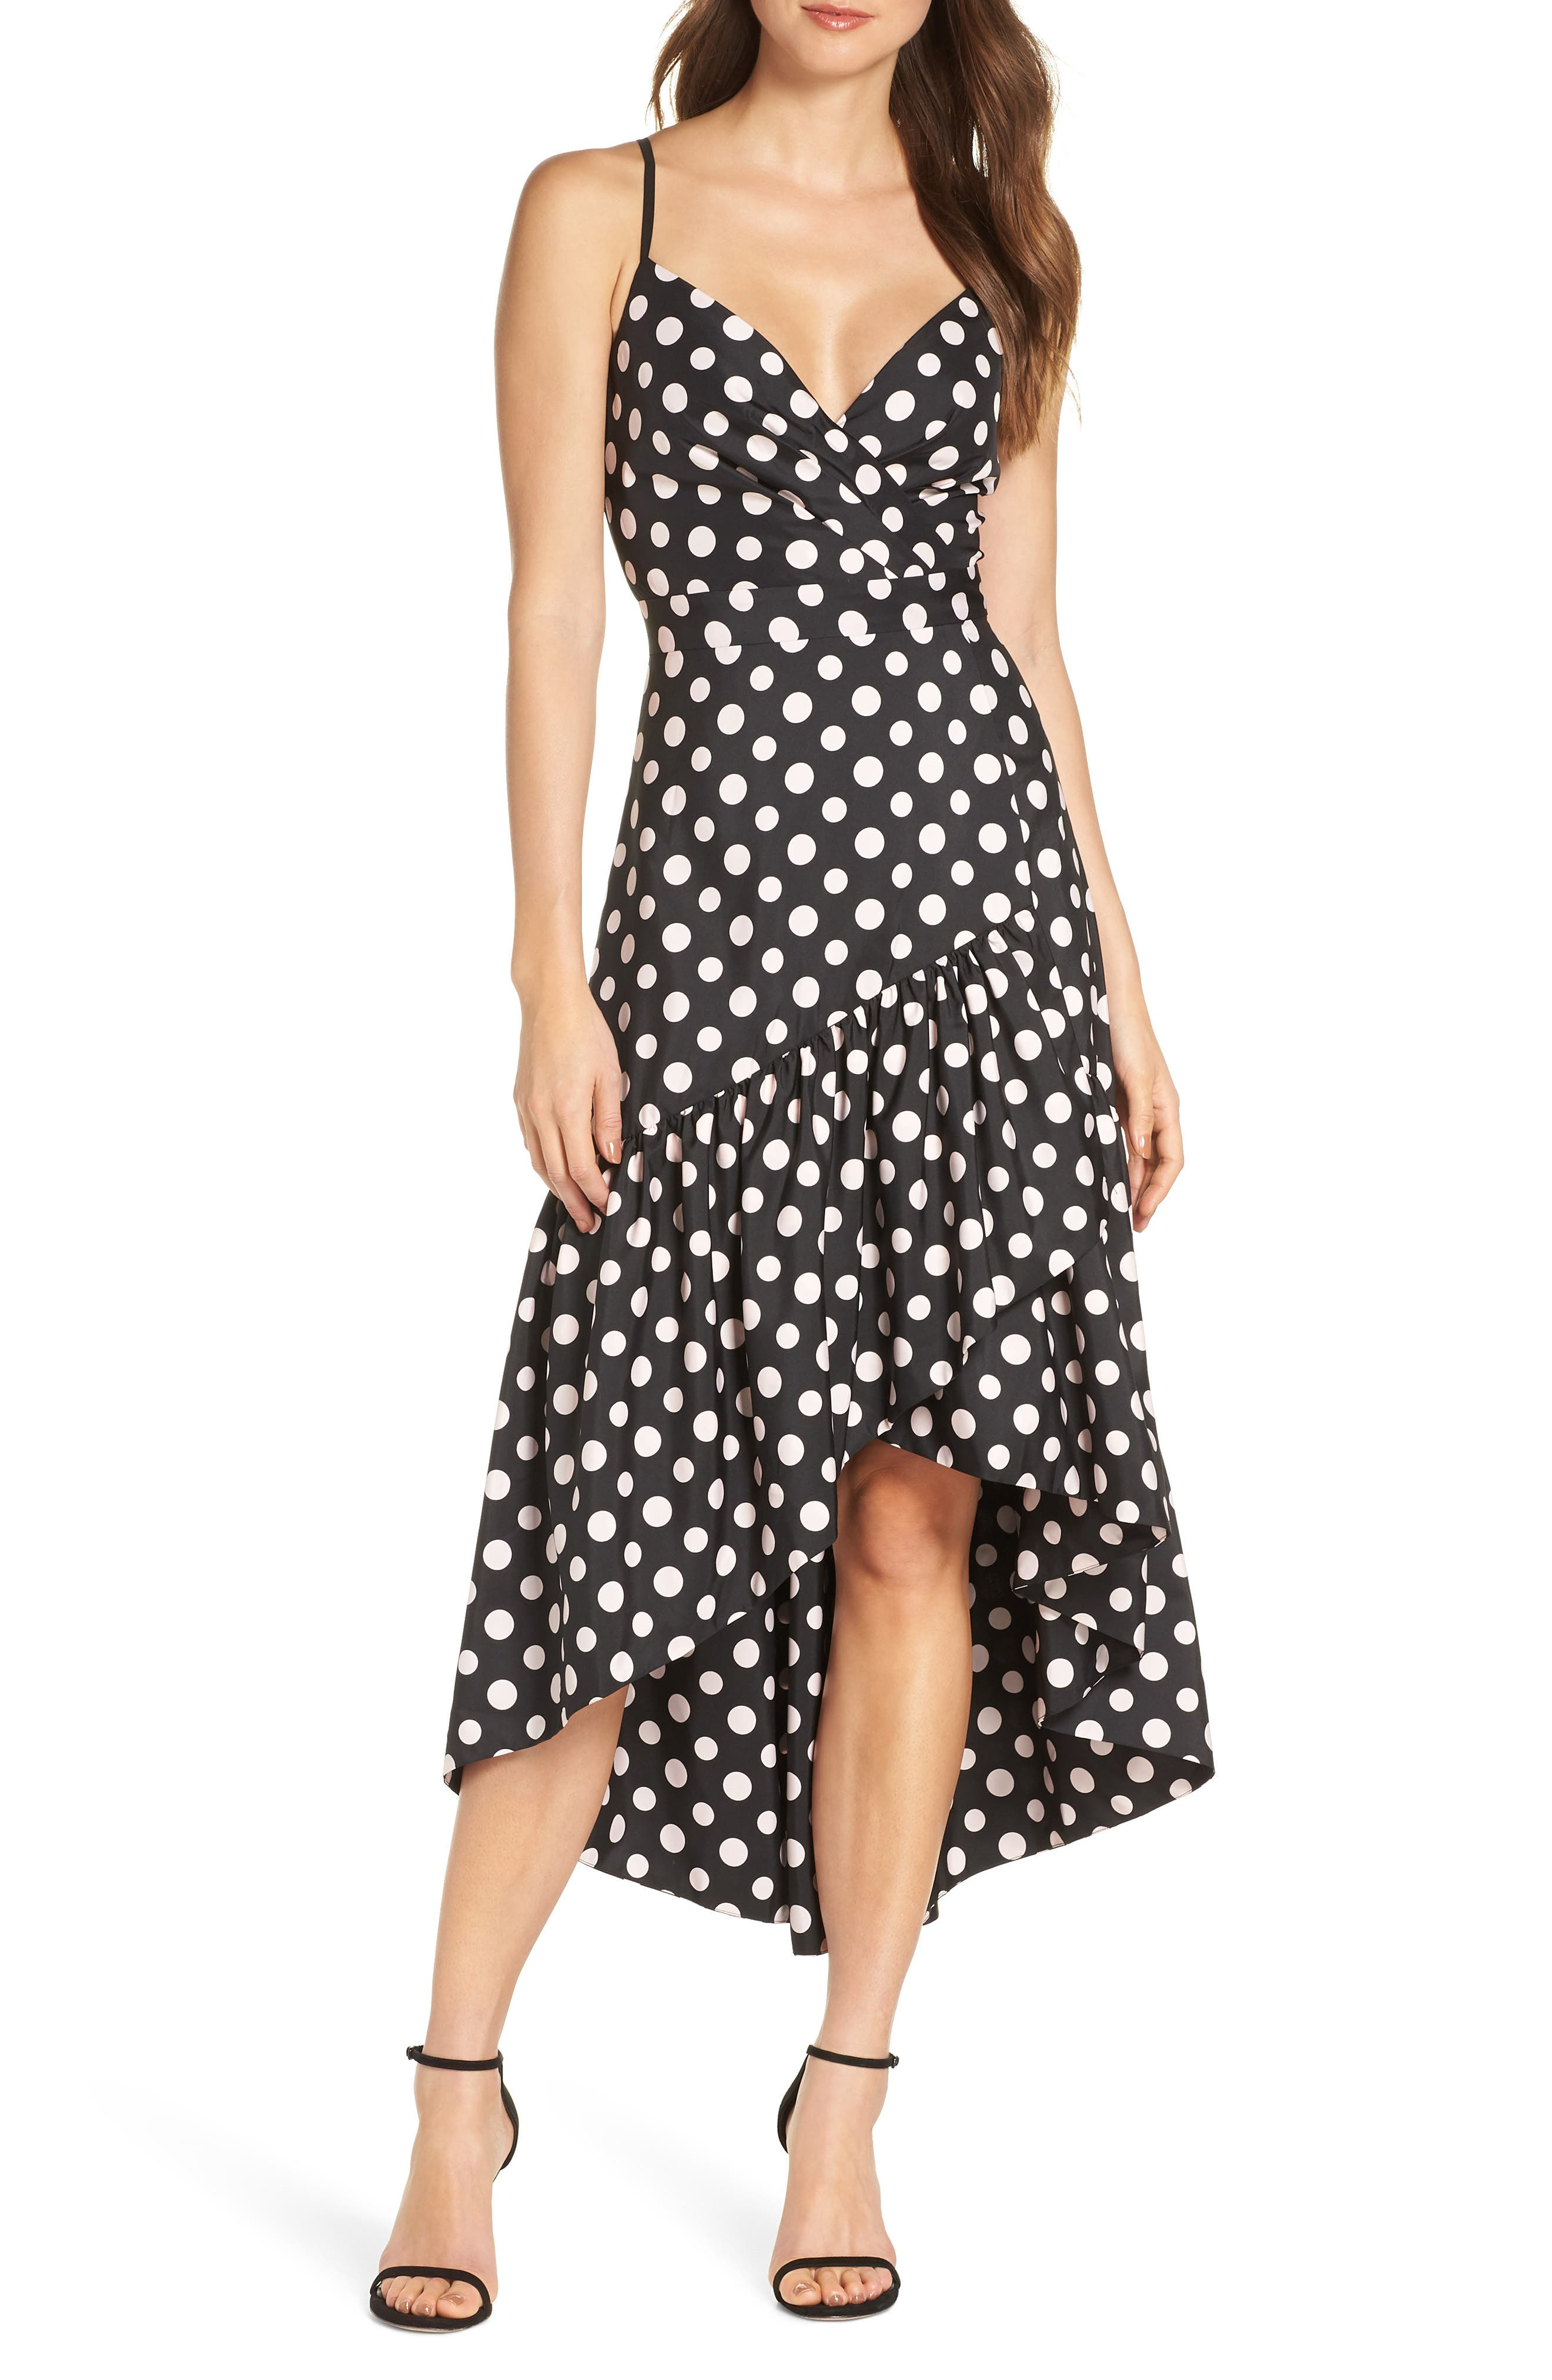 Eliza J Dot Print High/low Party Dress, Black